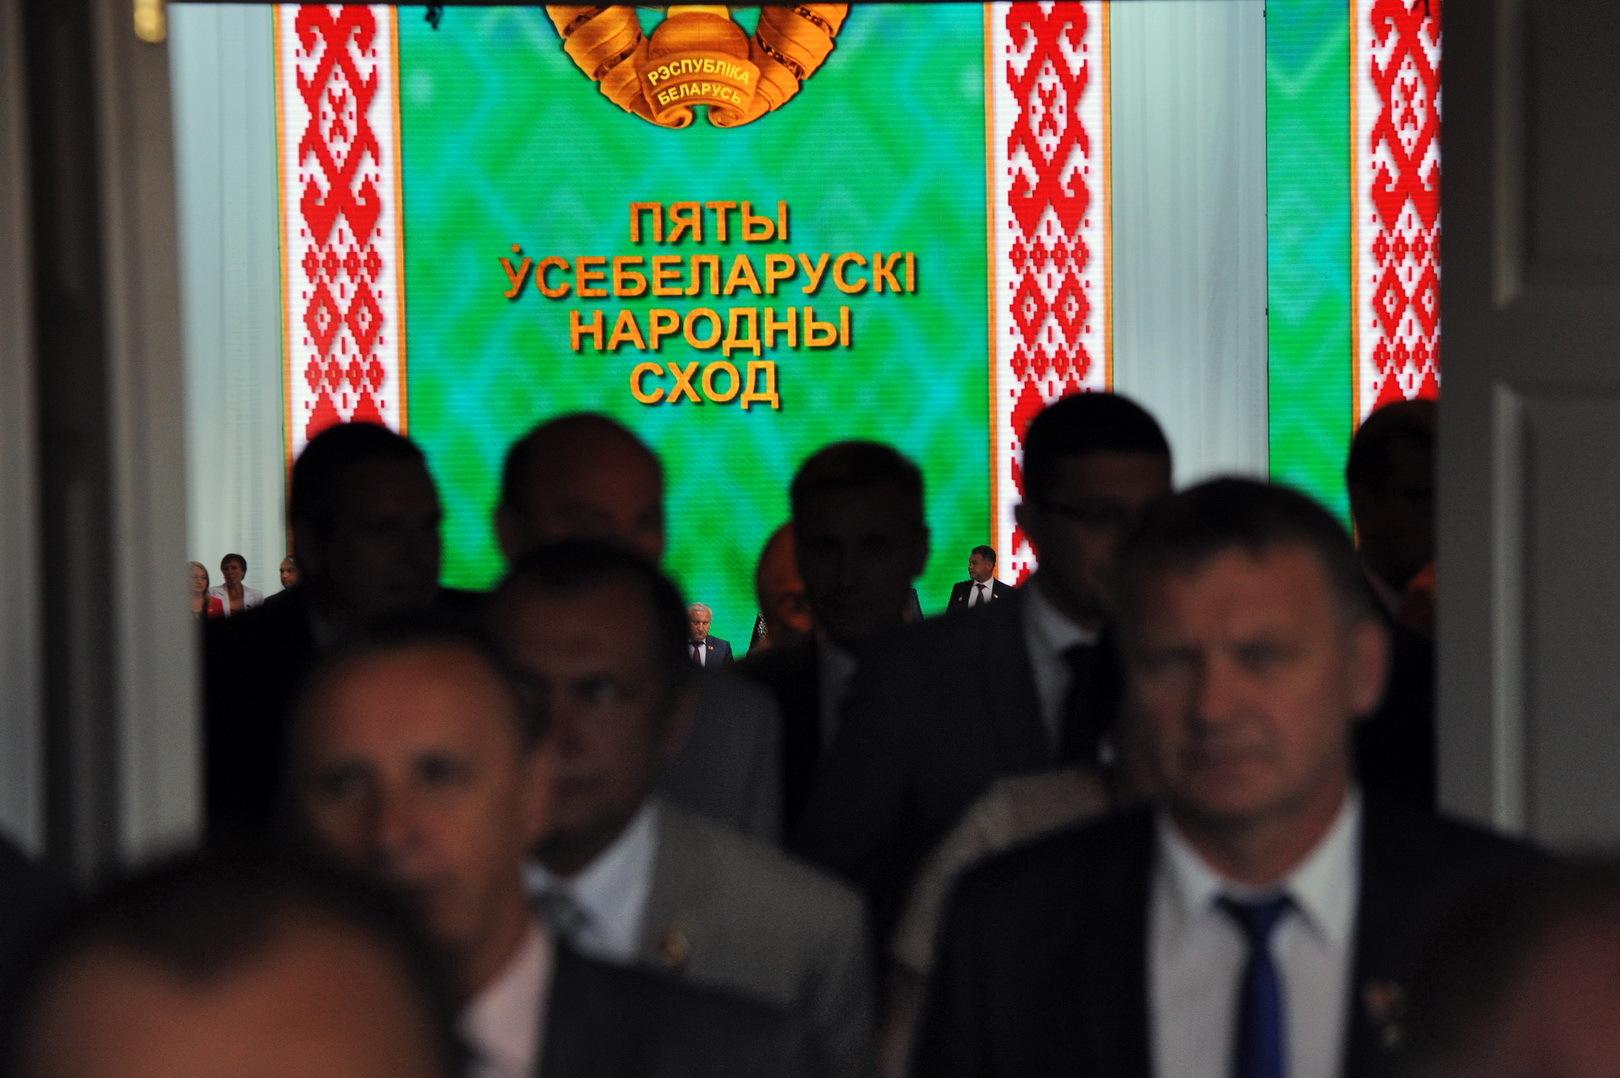 Два дня в большом зале Дворца республики на Всебелорусском народном собрании обсуждали жизнь страны.